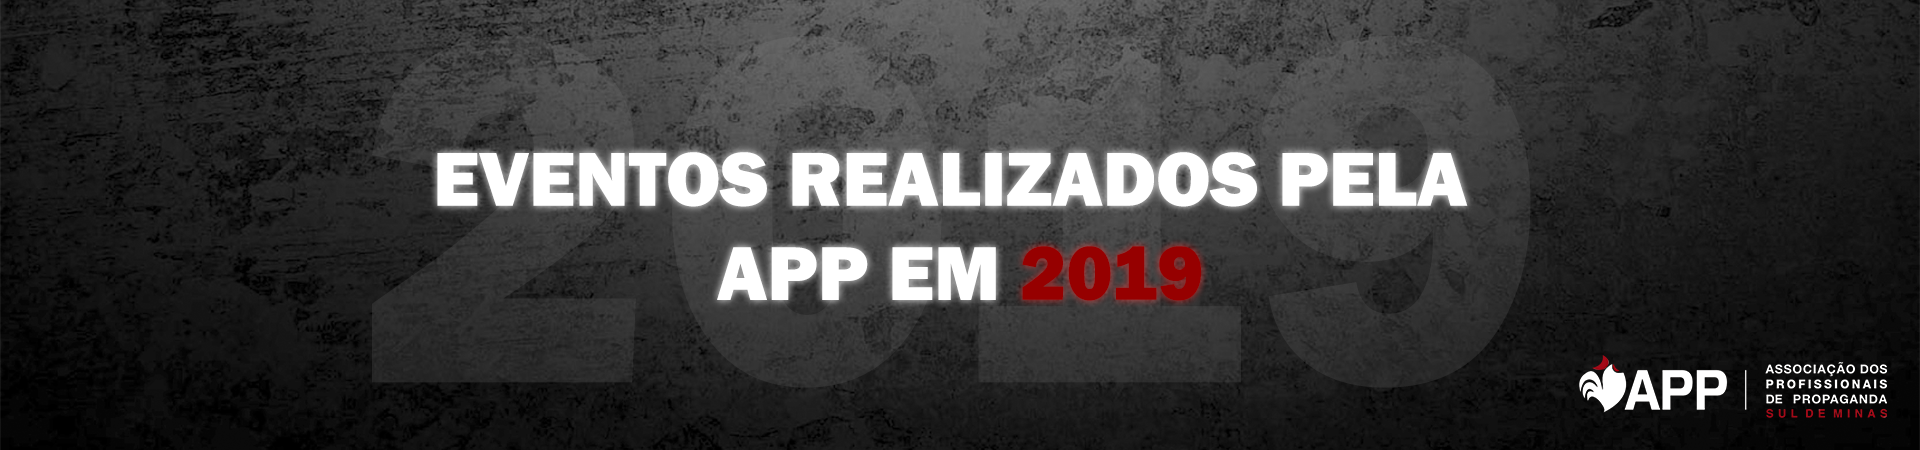 APP SUL DE MINAS - BANNER EVENTOS REALIZADOS